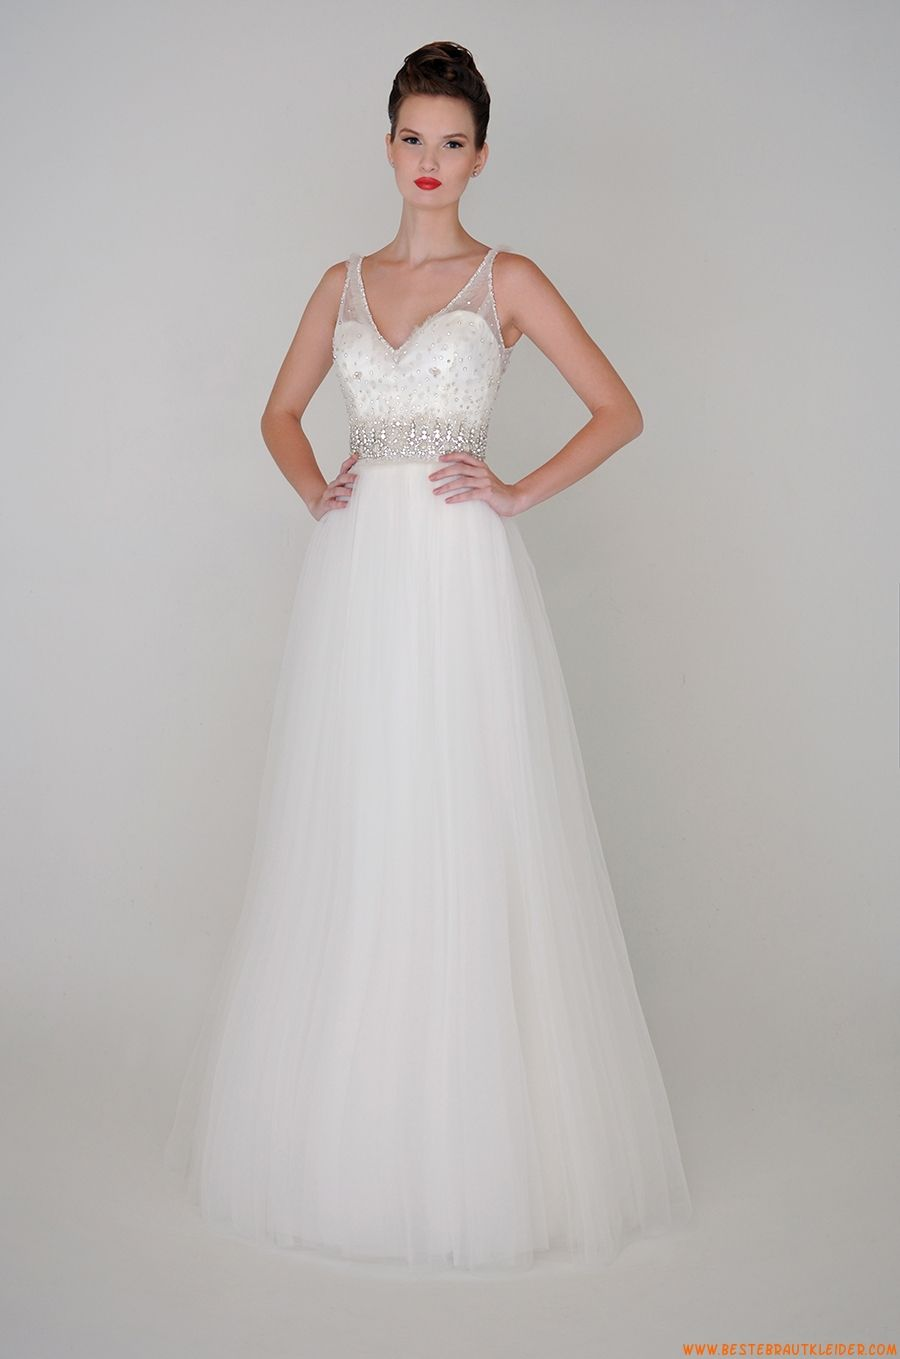 Nett Brautkleider Ann Arbor Fotos - Hochzeit Kleid Stile Ideen ...